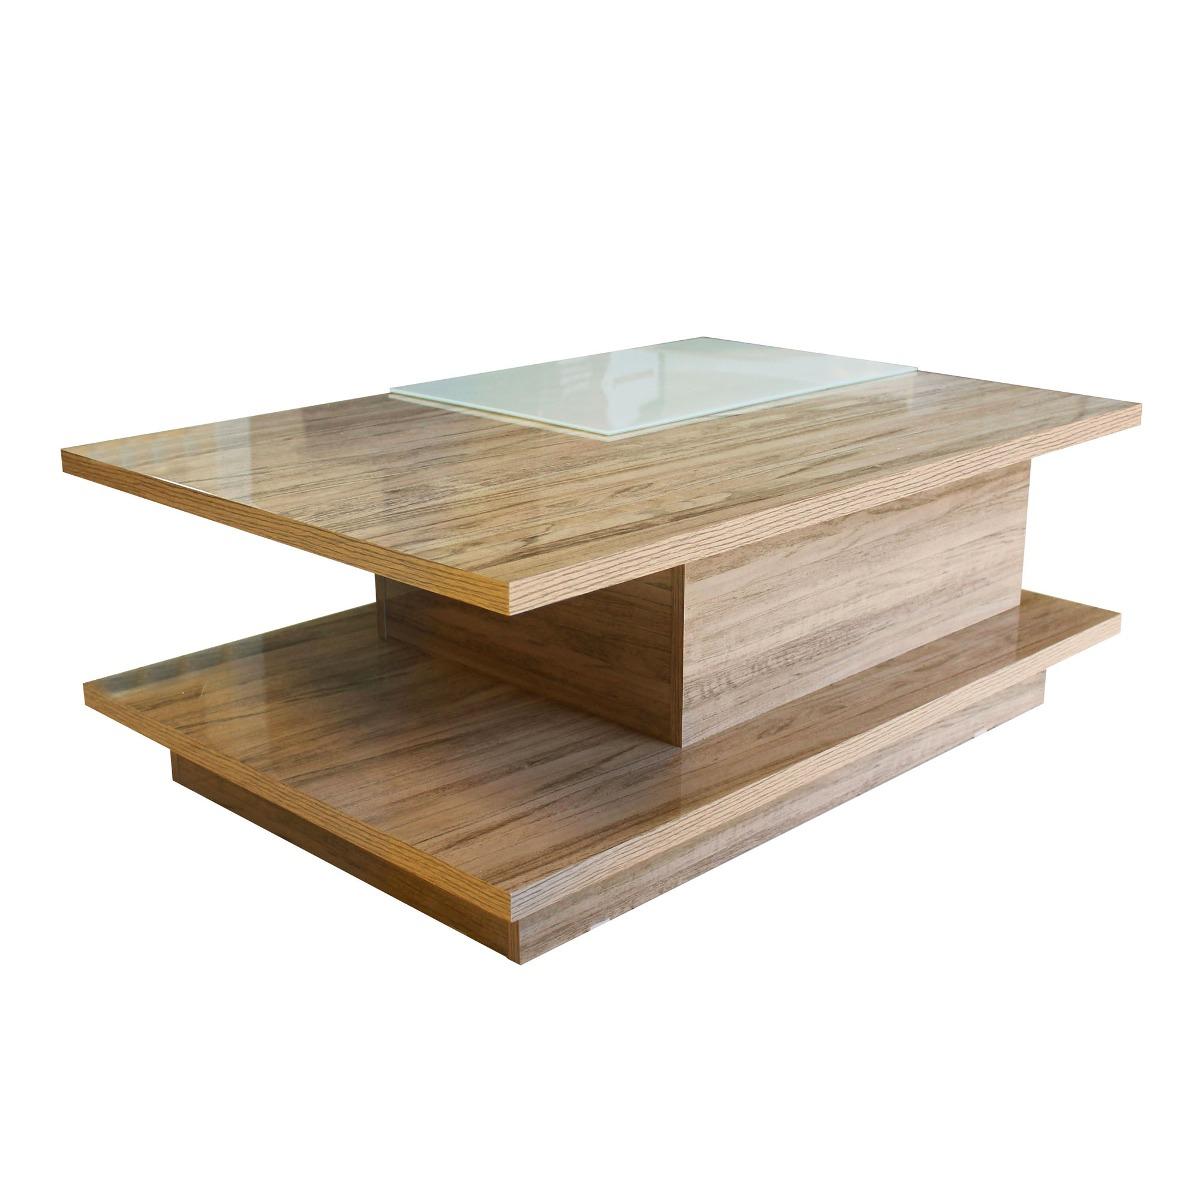 Mueble Mesa De Centro Rinnova Polaris Avela 57 900 En Mercado  # Muebles Rinnova